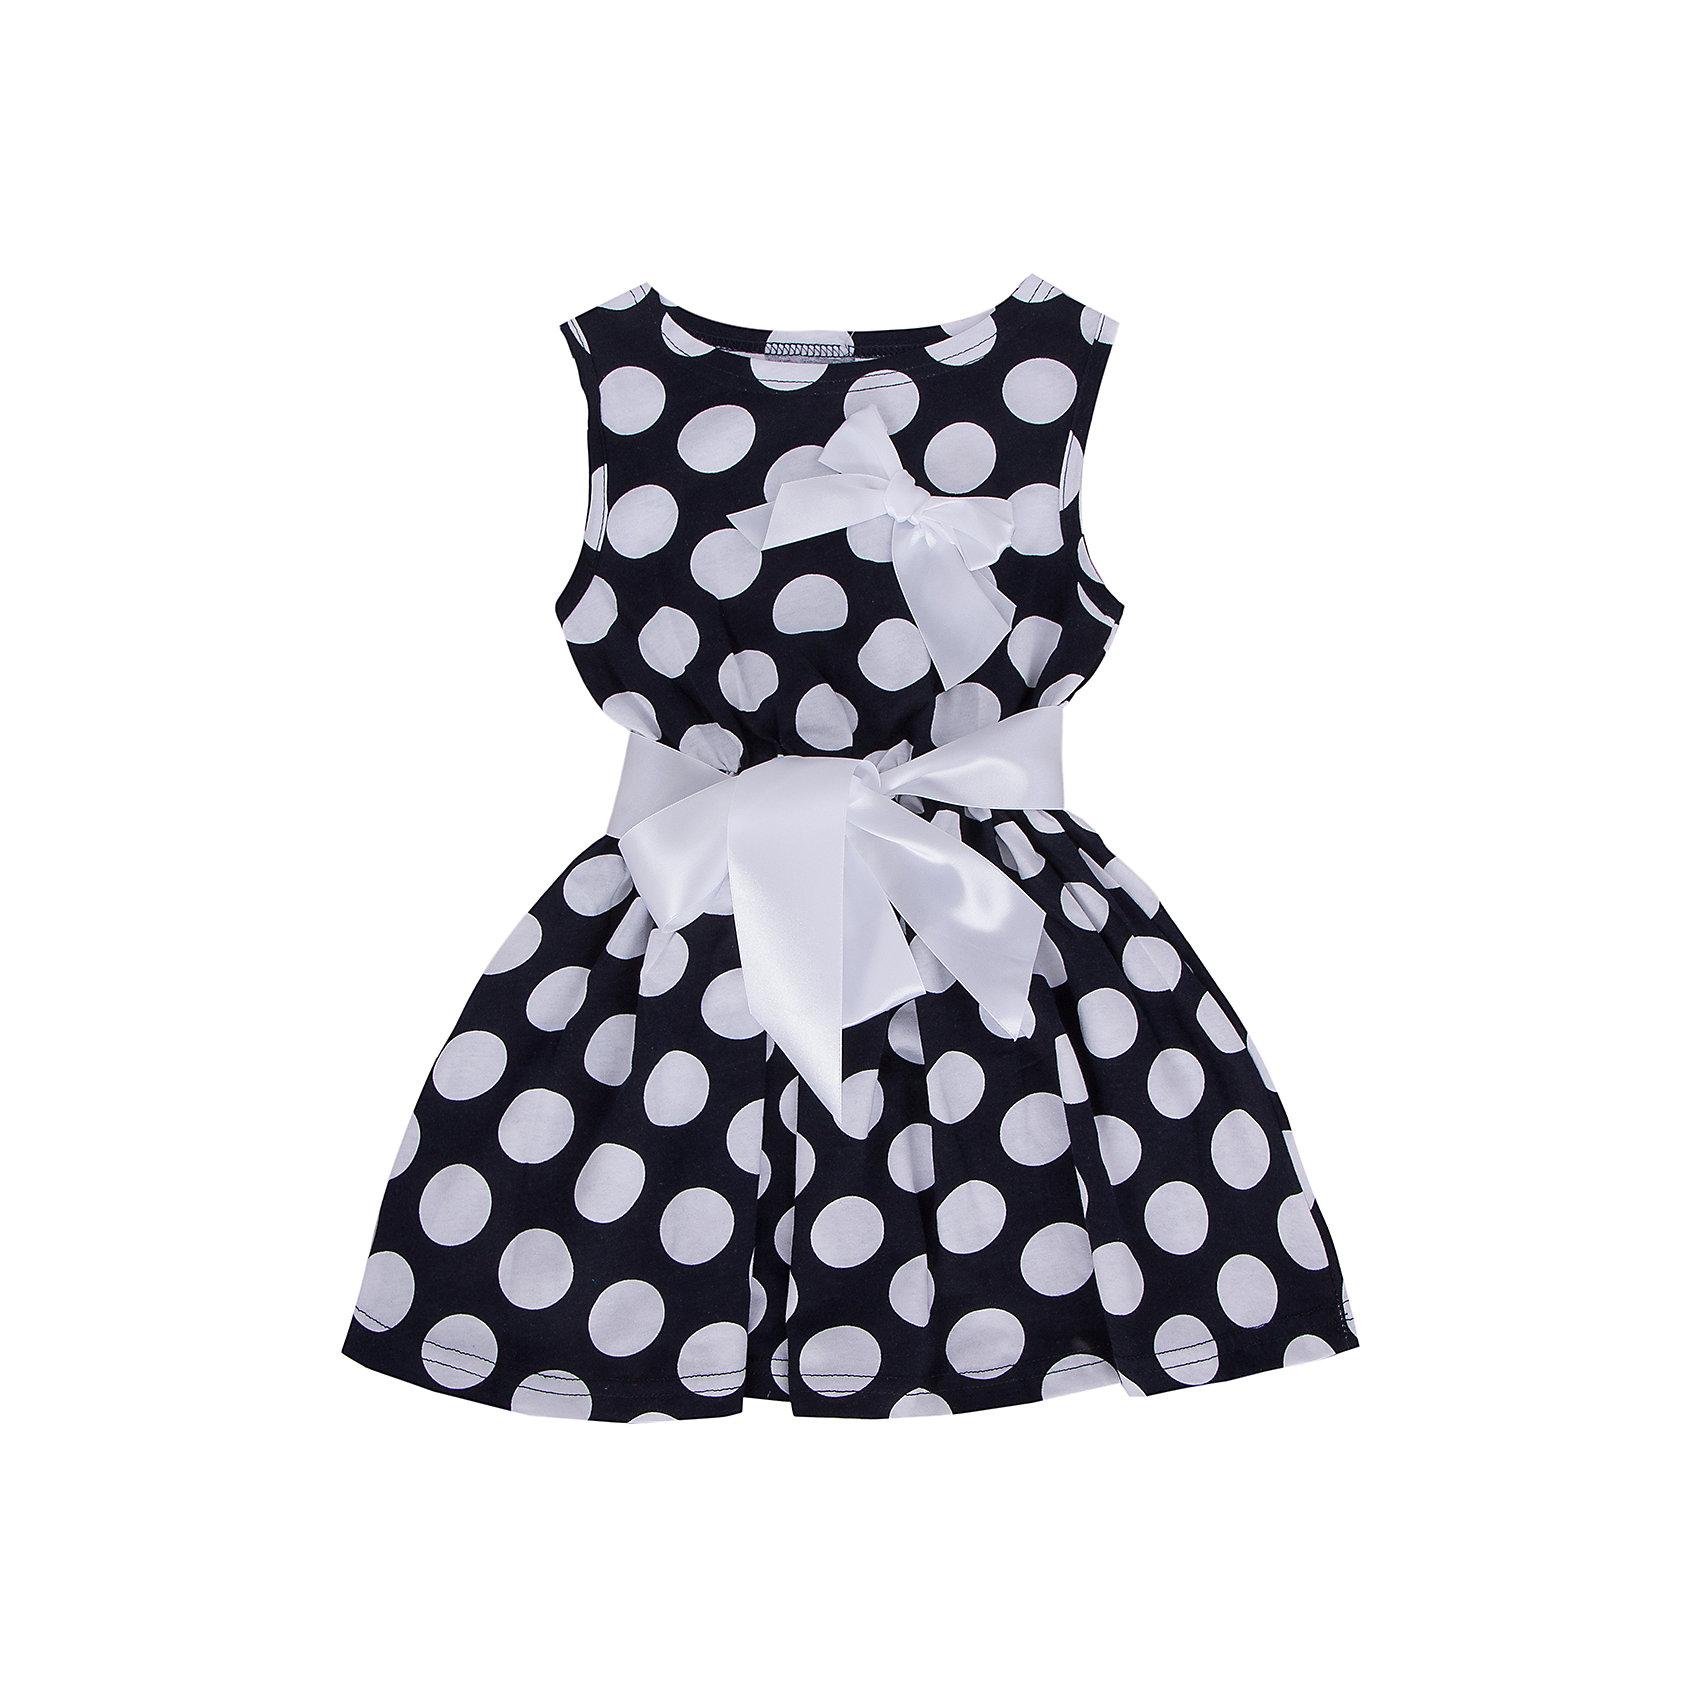 Платье для девочки АпрельПлатья и сарафаны<br>Платье Апрель<br>Платье в горошек с поясом декорированное бантом приведет в восторг юных модниц. Платье изготовлено из тонкого прочного хлопкового трикотажного полотна - кулир. Детская одежда из кулира отлично пропускает воздух, что идеально подходит для жаркого и знойного лета. Приятная на ощупь ткань исключит риск возникновения аллергии или раздражения при соприкосновении с нежной детской кожей. Простота в уходе делает изделие отличным вариантом для повседневного гардероба ребёнка. Дети очень активны и подвижны, а благодаря современным лекалам, используемым при производстве модели, ваше чадо будет свободно двигаться, и принимать активное участие в играх. Новейшее оборудование на производстве обеспечивает надёжность шва и длительный срок службы одежды.<br><br>Дополнительная информация:<br><br>- Сезон: лето<br>- Комплектация:  пояс, платье, бант<br>- Цвет: темно-синий, белый<br>- Без рукавов<br>- Без застежек<br>- Длина юбки: мини<br>- Без карманов<br>- По назначению: повседневный стиль<br>- Ткань: кулир<br>- Состав: 100 % хлопок<br><br>Платье Апрель можно купить в нашем интернет-магазине.<br><br>Ширина мм: 236<br>Глубина мм: 16<br>Высота мм: 184<br>Вес г: 177<br>Цвет: синий<br>Возраст от месяцев: 24<br>Возраст до месяцев: 36<br>Пол: Женский<br>Возраст: Детский<br>Размер: 98,104,110,116,122,128,140,134<br>SKU: 4726411